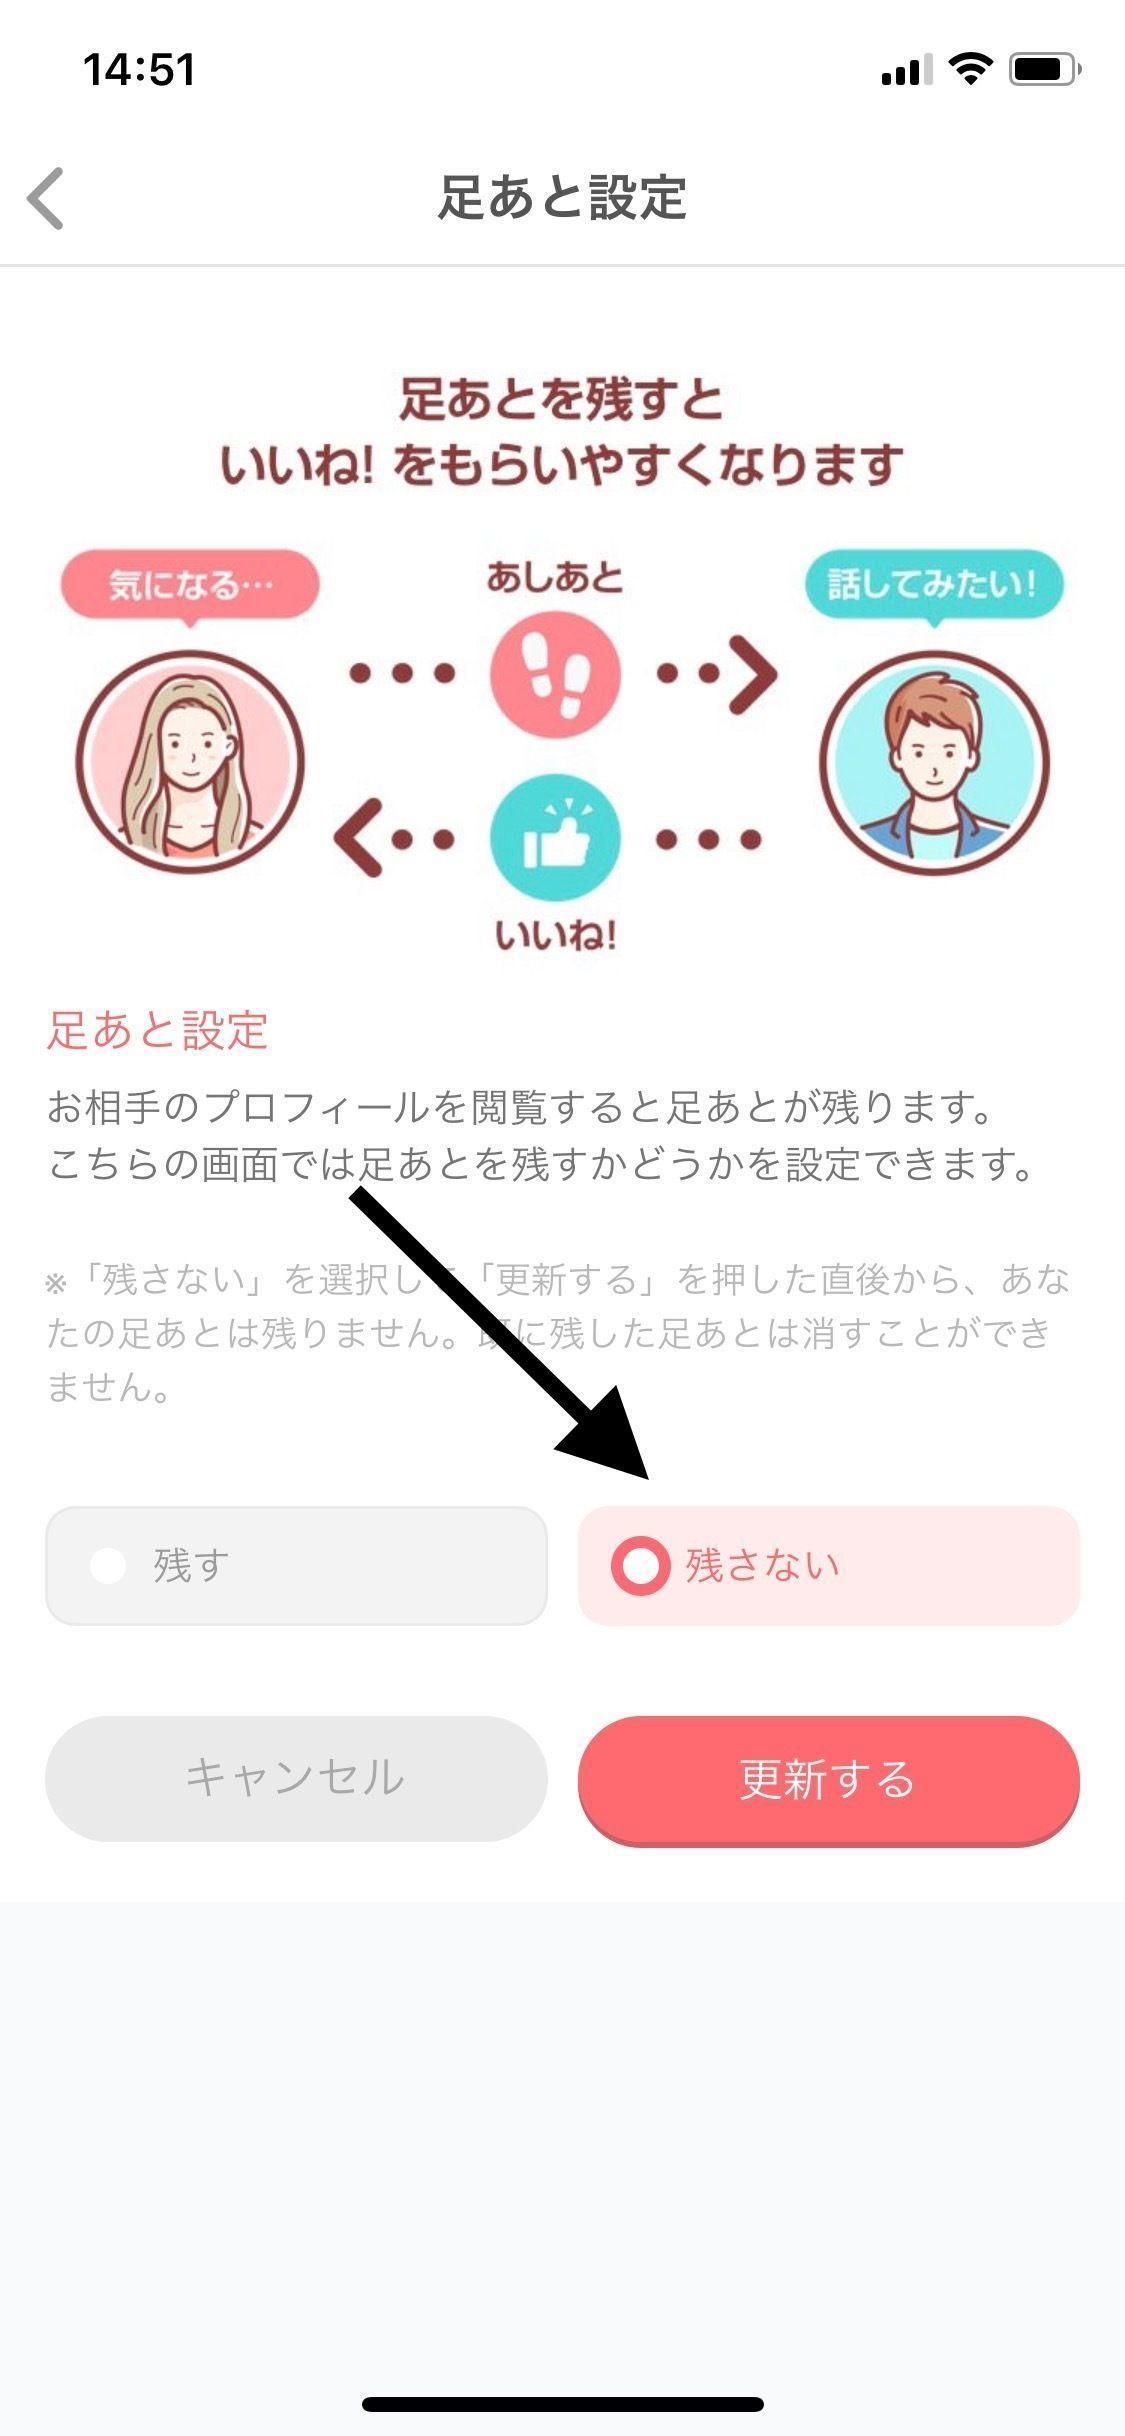 with 4.「残さない」を選択して「更新する」をタップ